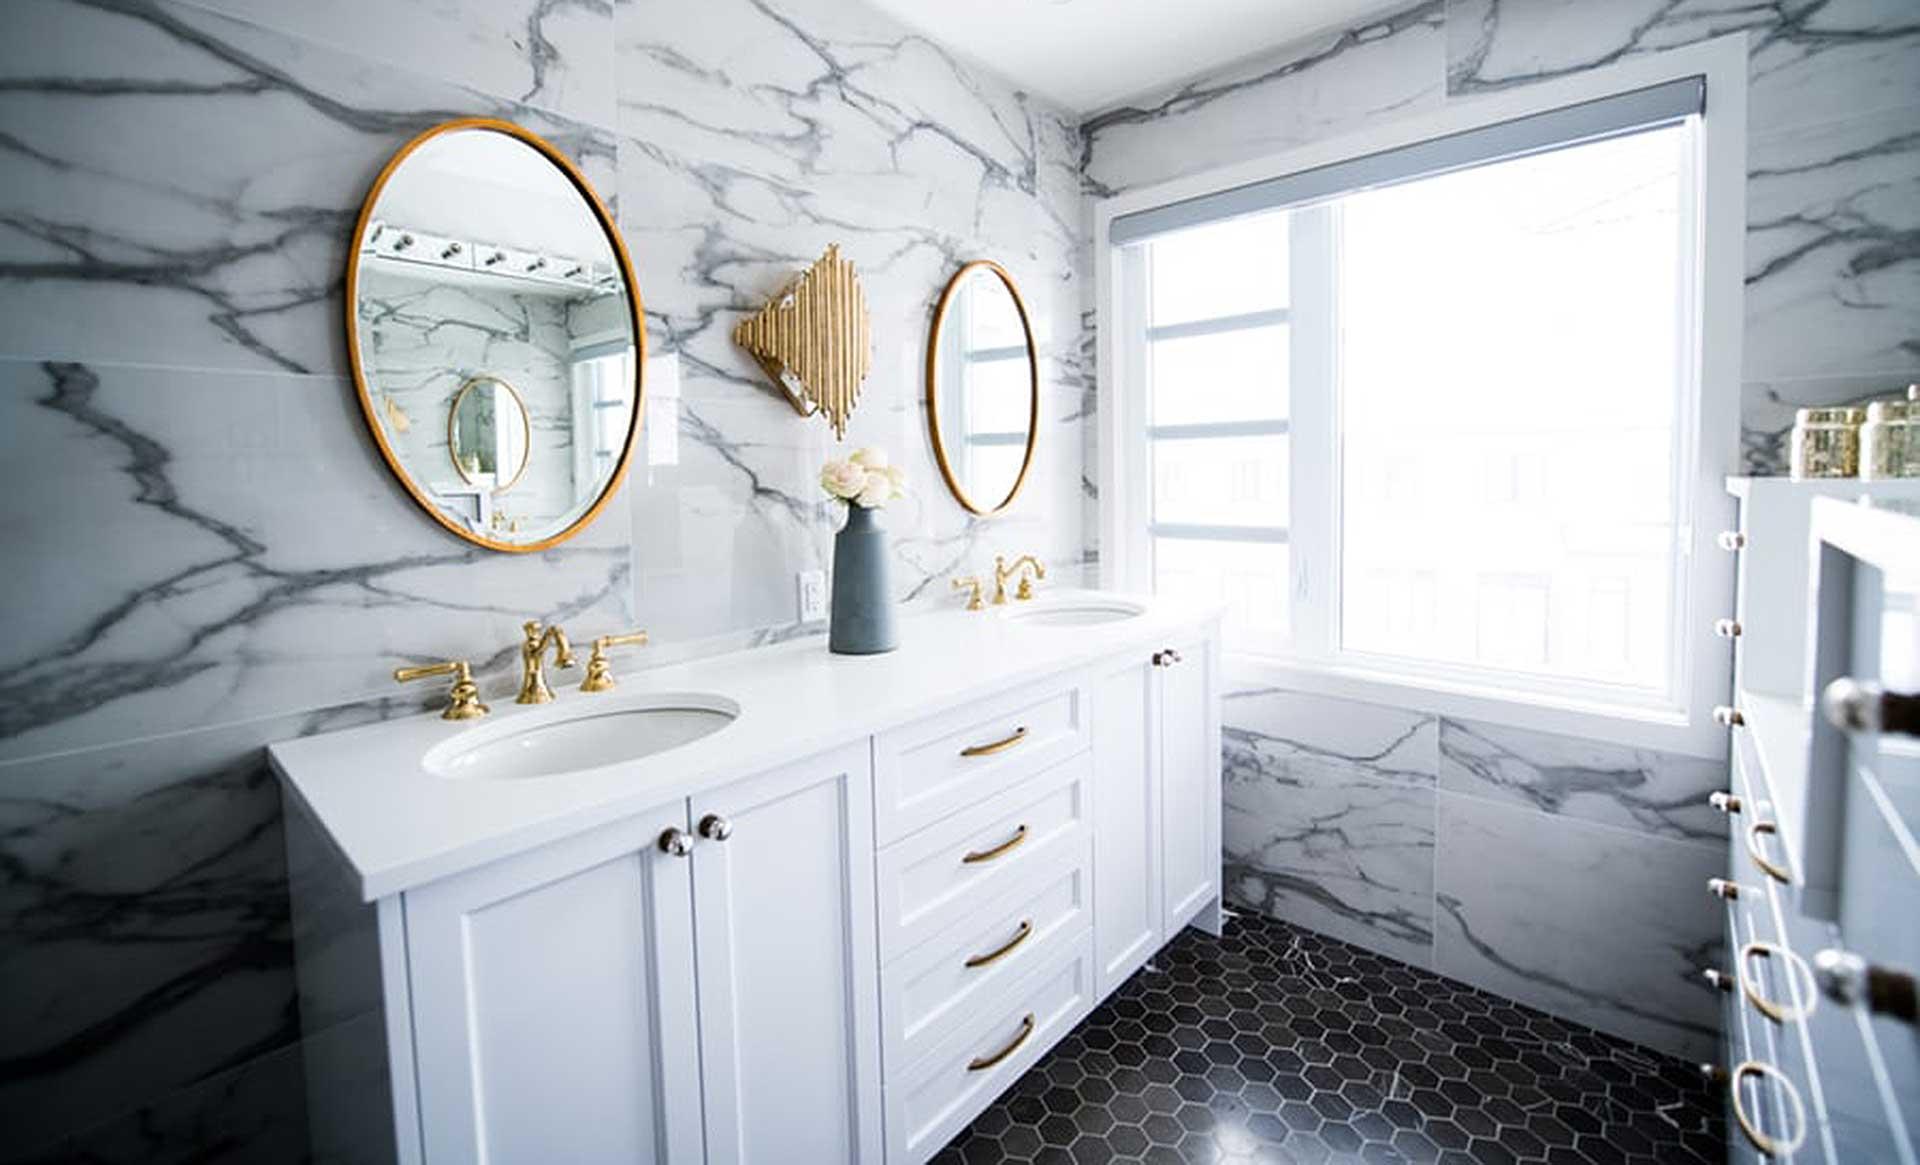 Planung eines Badezimmers. Foto: unsplash.com